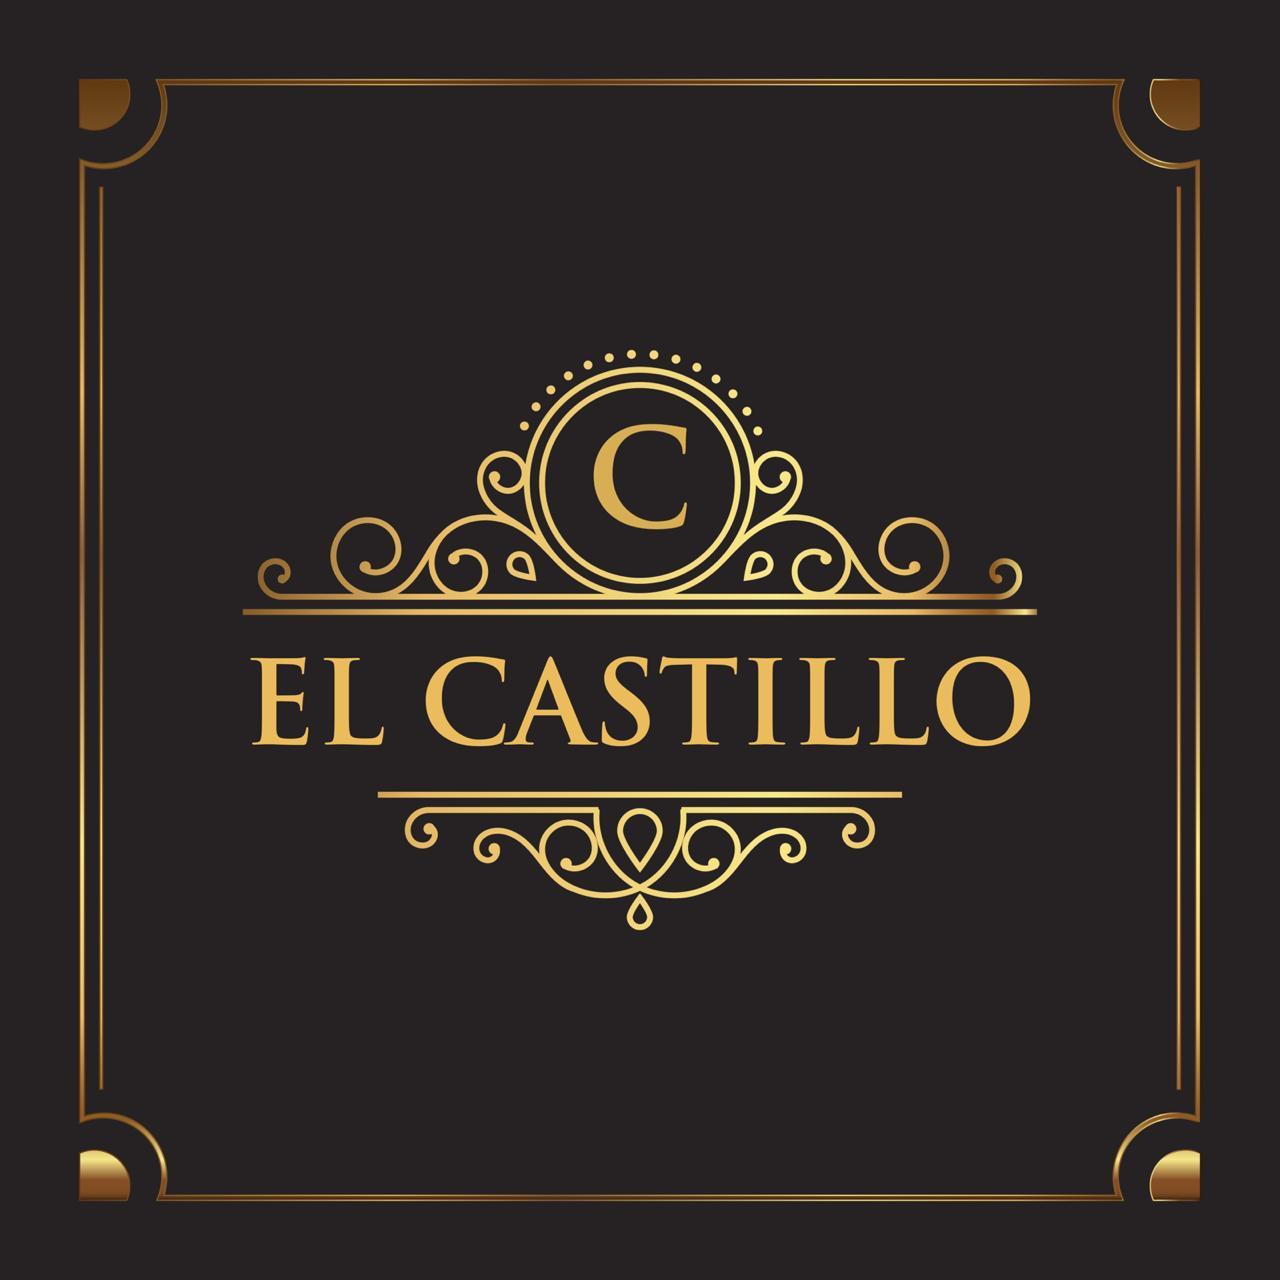 El Castillo Online